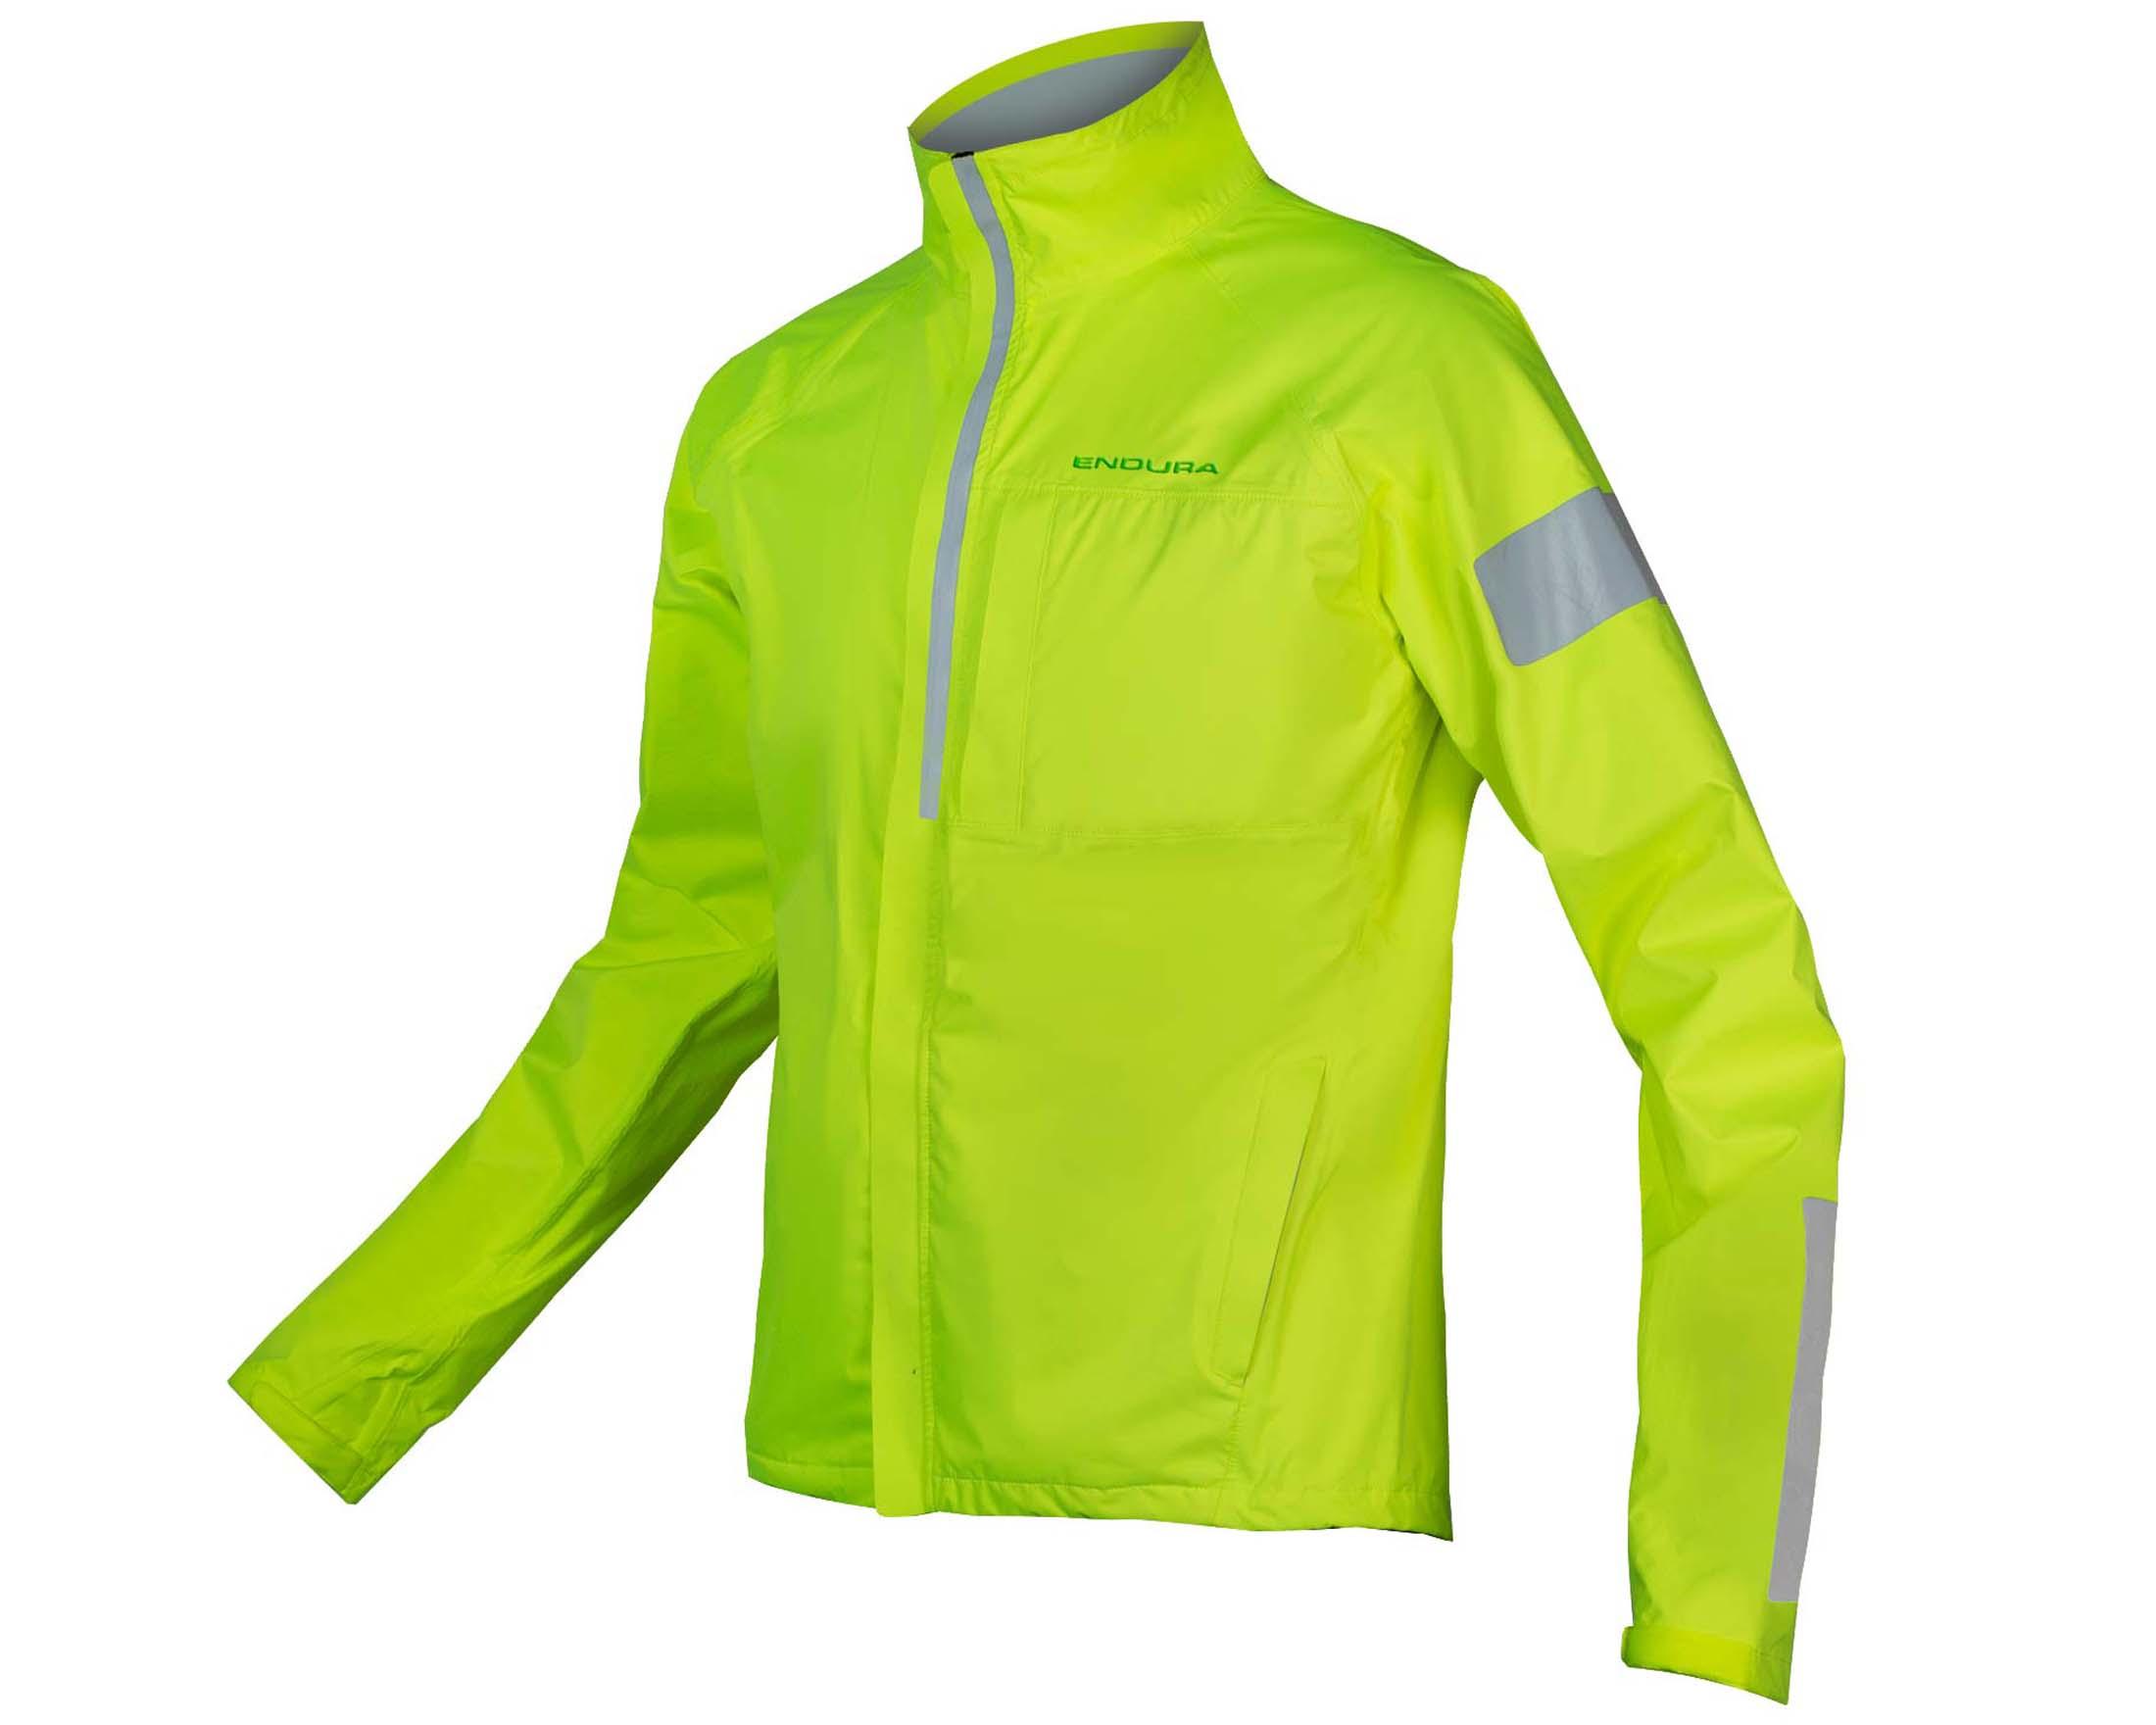 Endura Xtract Roubaix Trikot langarm grün ab € 39,90 (2020